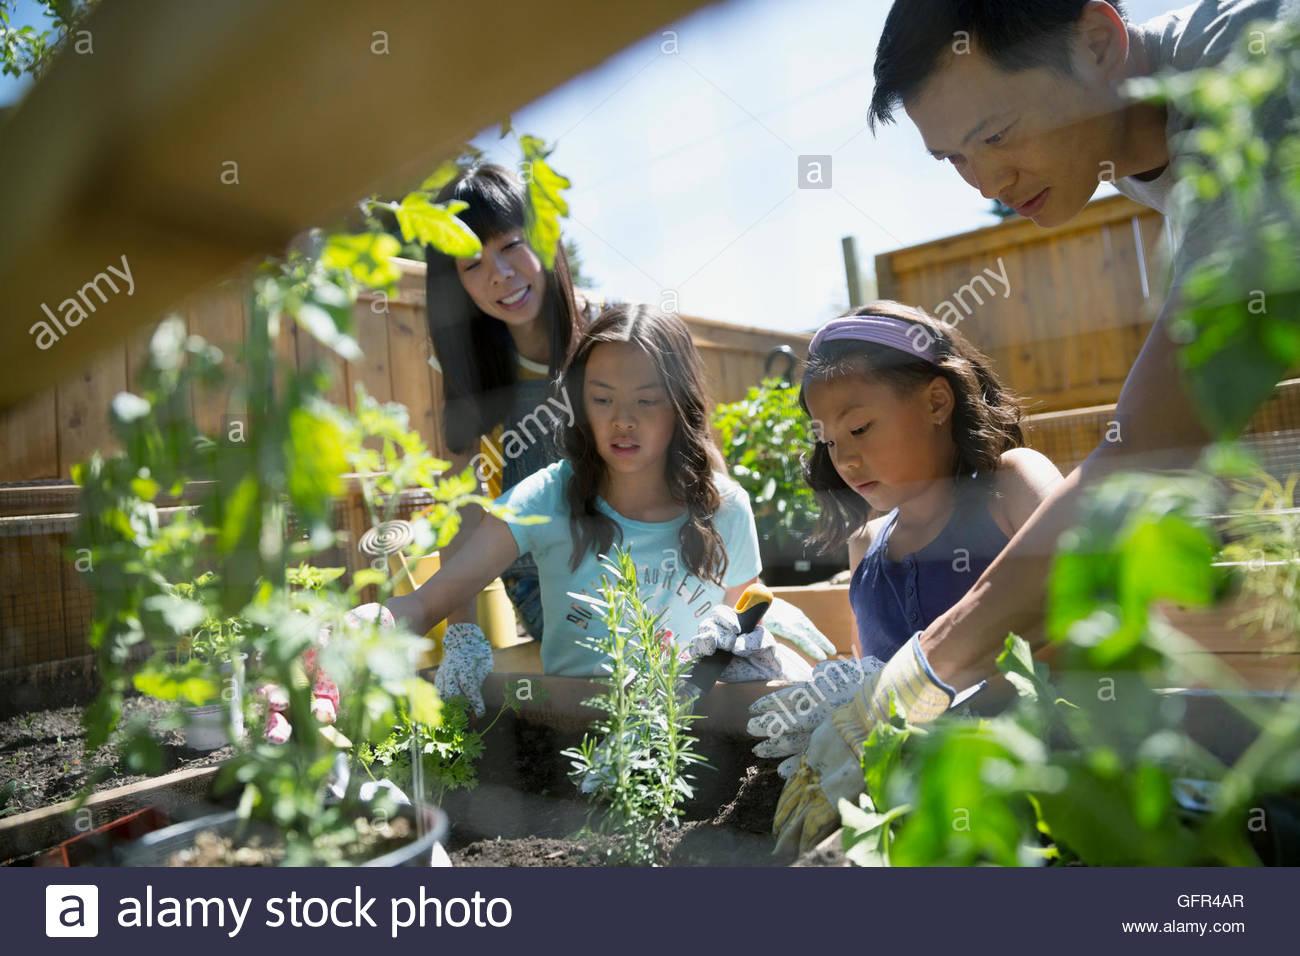 Famiglia piantando erbe nel giardino soleggiato Immagini Stock